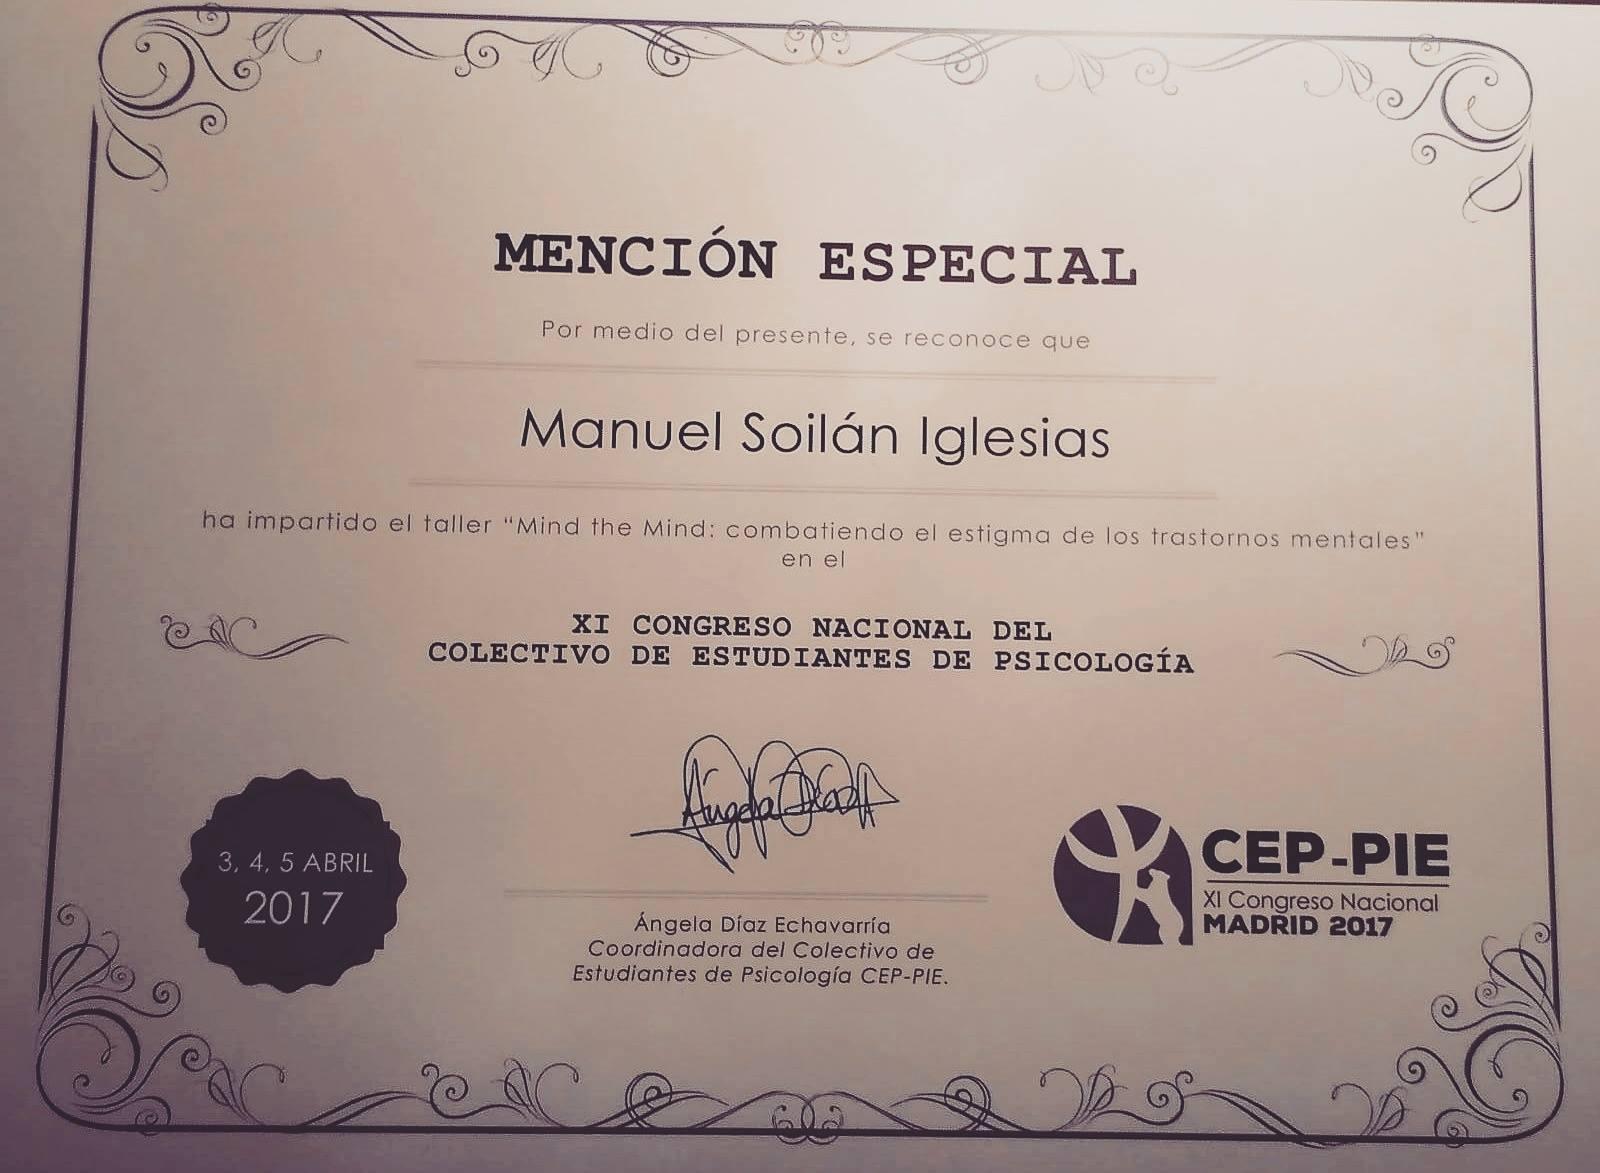 Mención Especial - XI Congreso del Colectivo de Estudiantes de Psicología 2017.